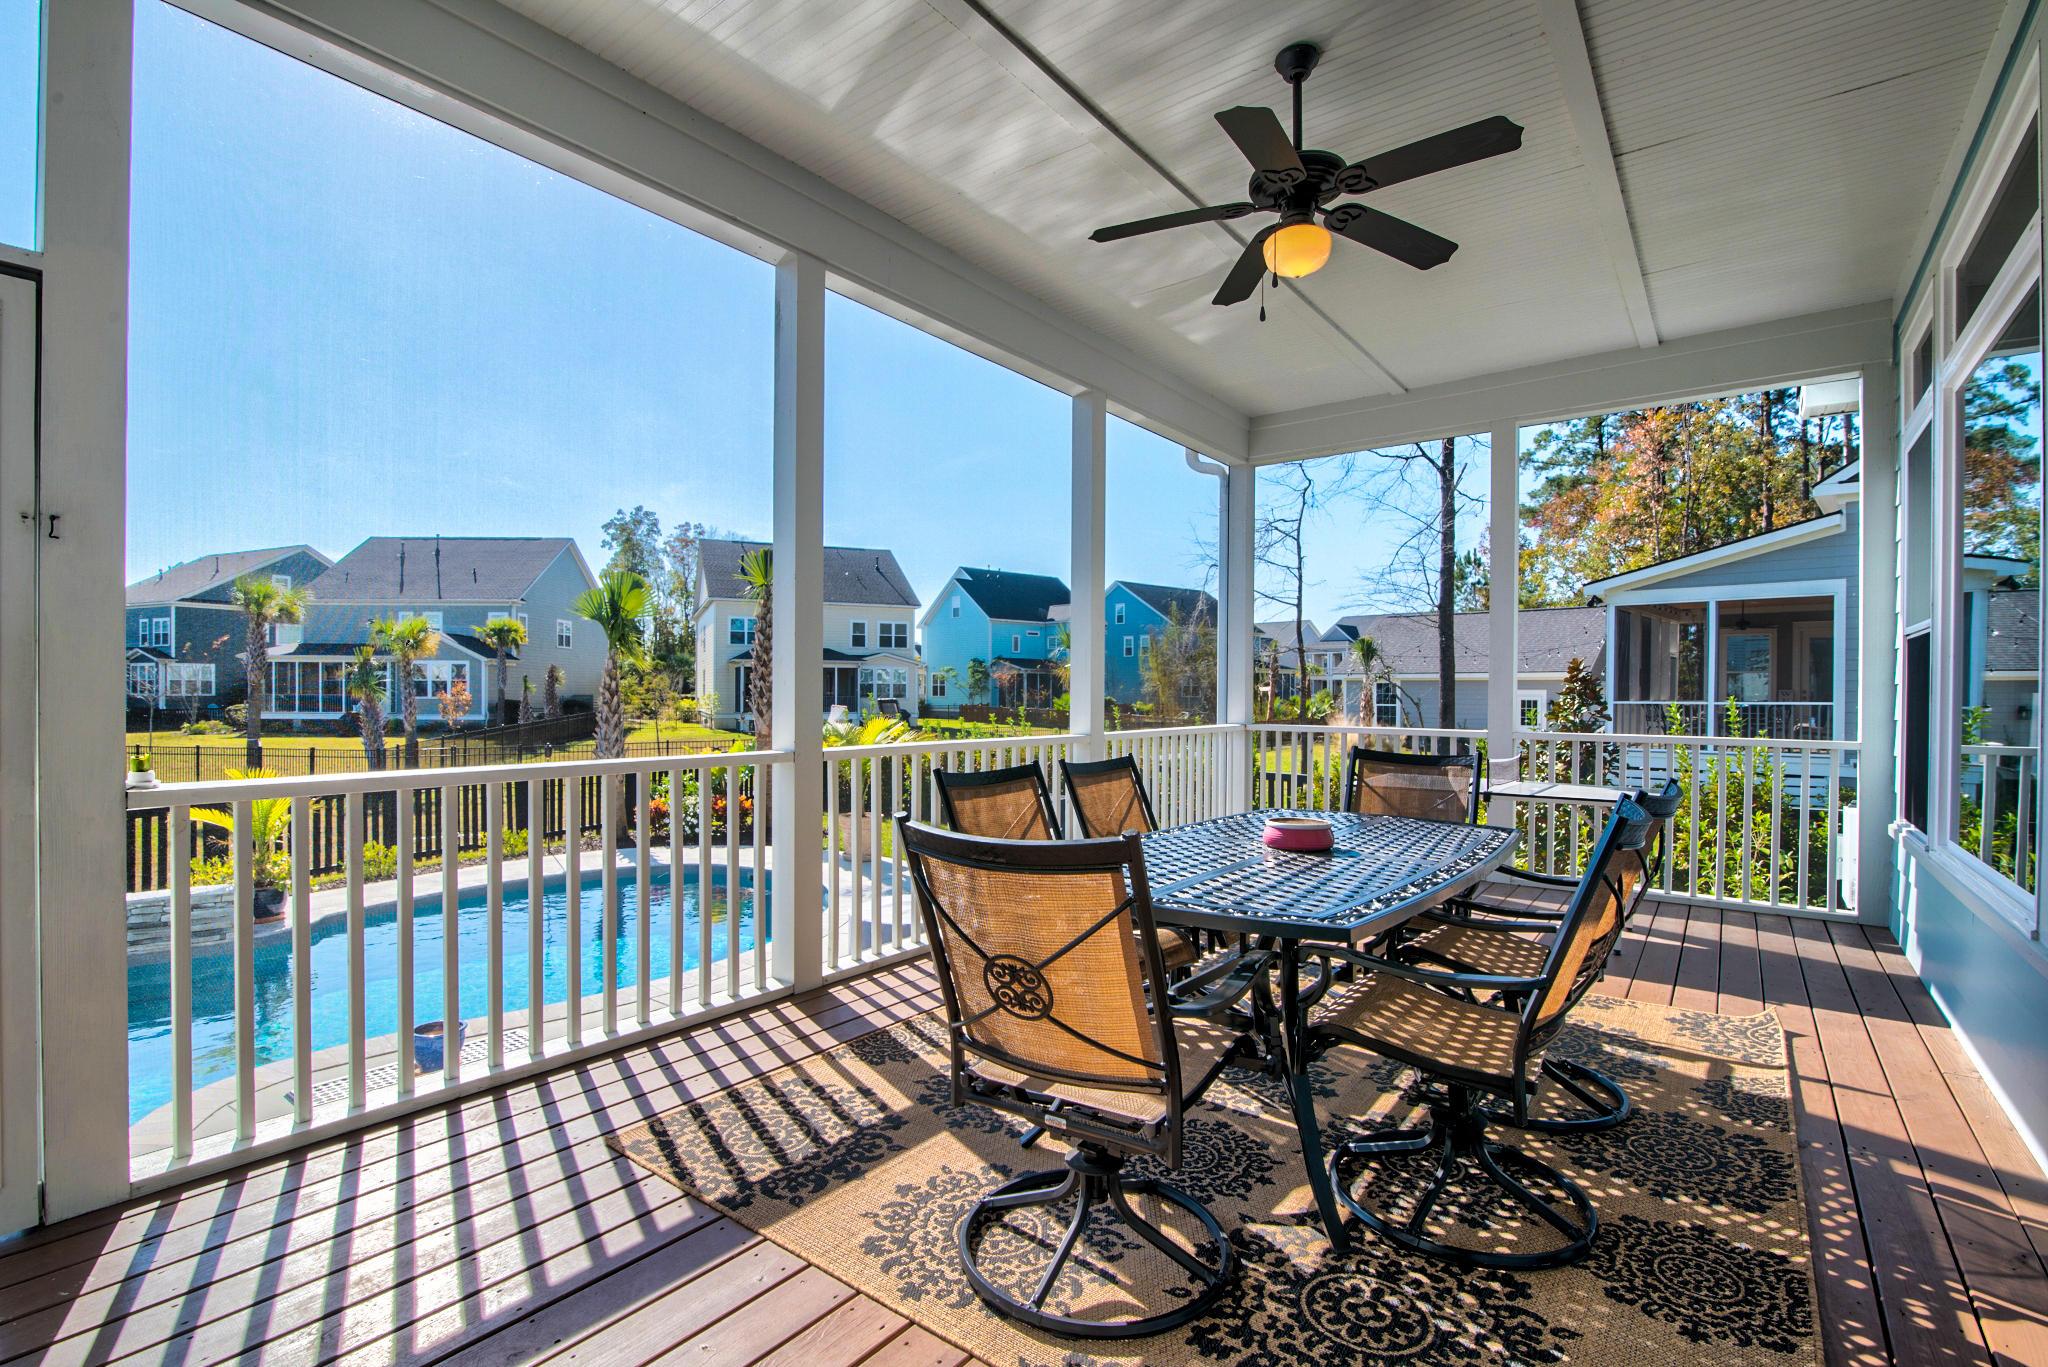 Dunes West Homes For Sale - 2883 River Vista, Mount Pleasant, SC - 18